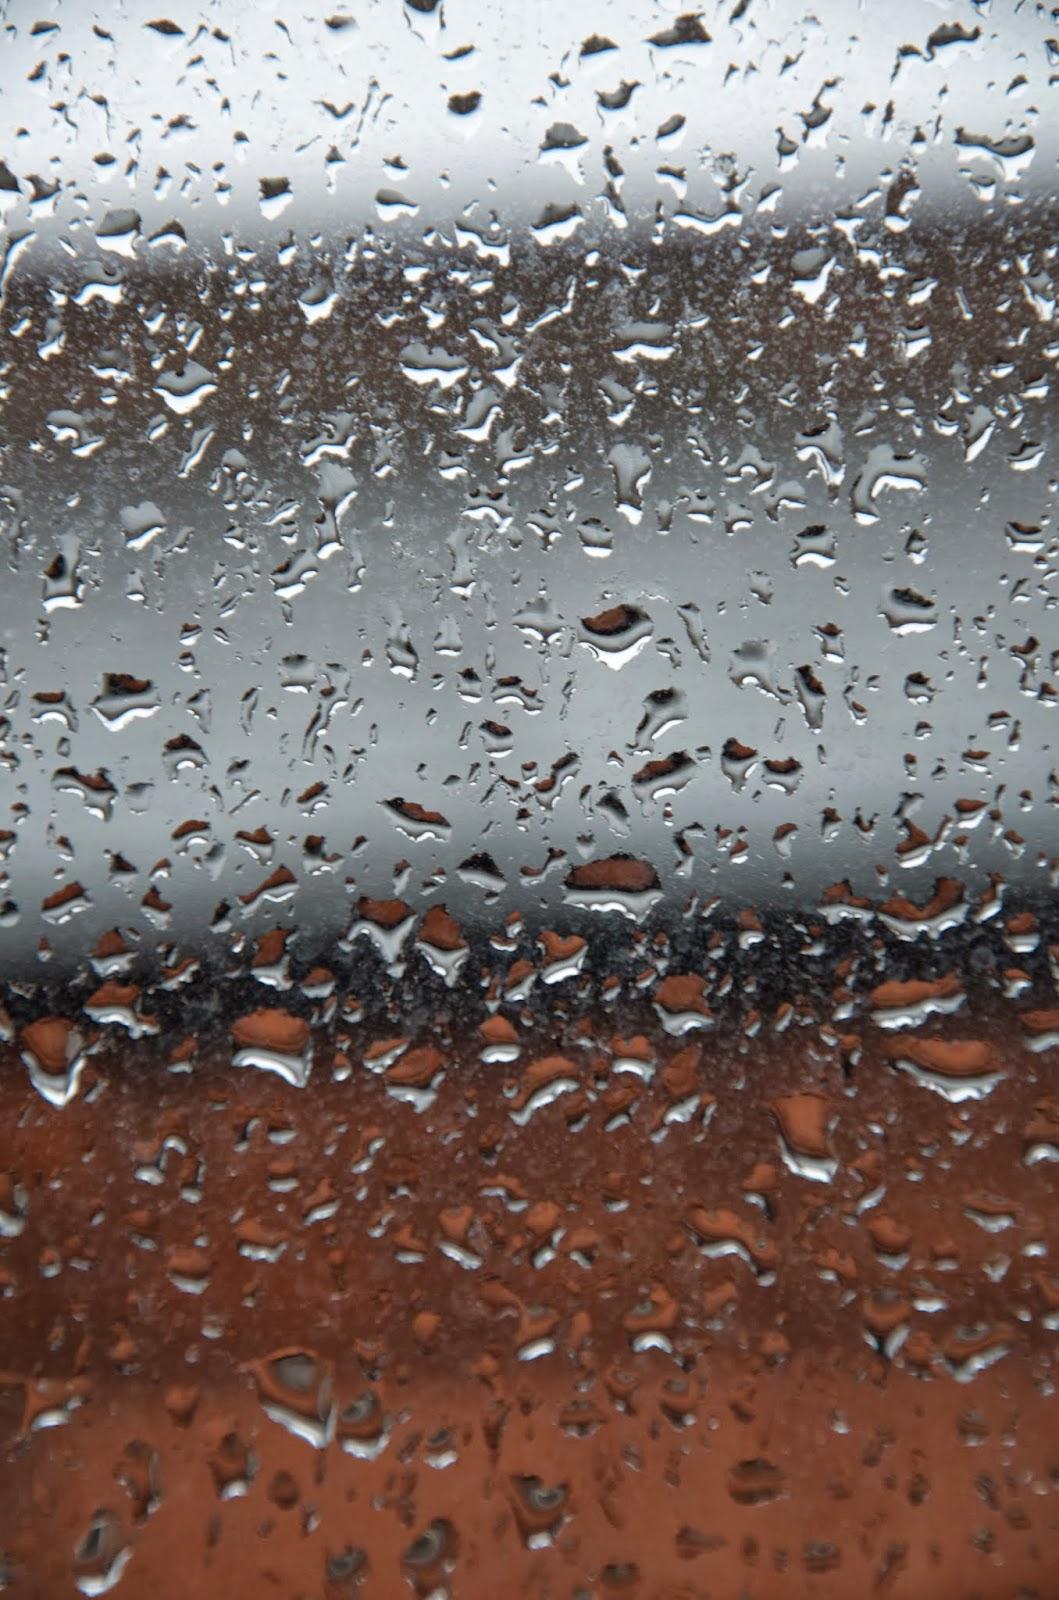 Robert Ketchell's blog: Soft Rain Falling